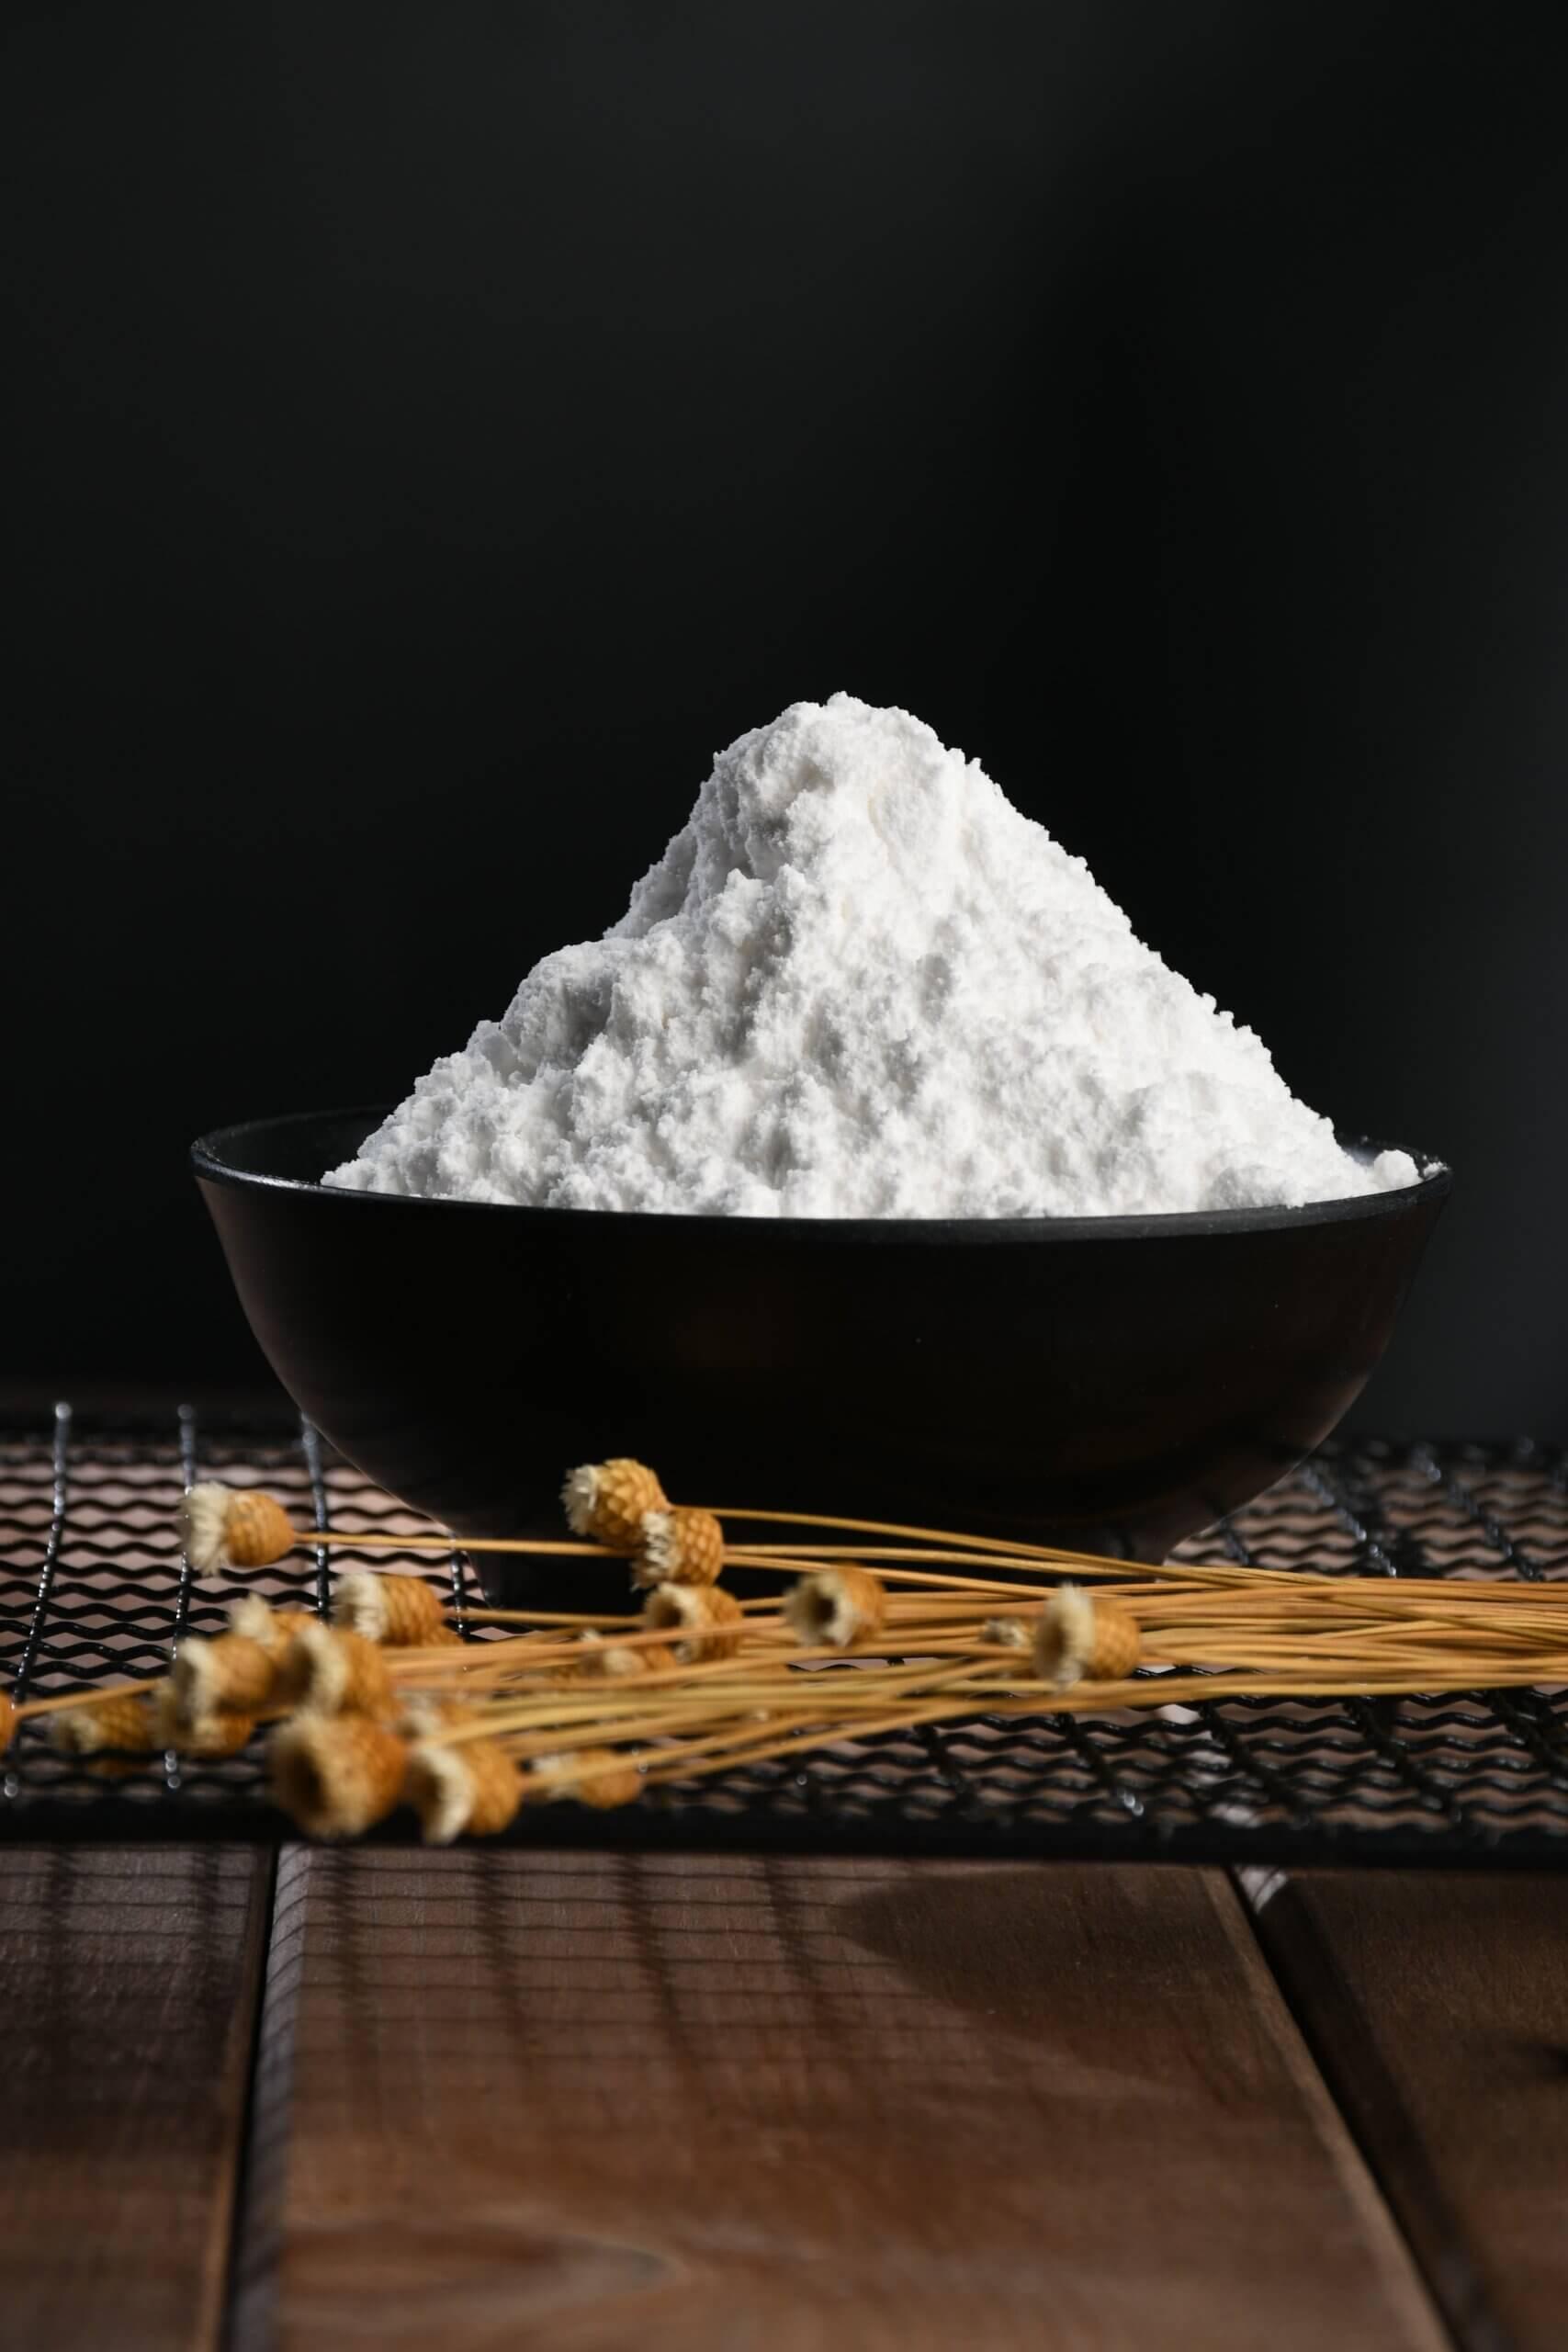 Сахарозаменитель стевия польза и вред